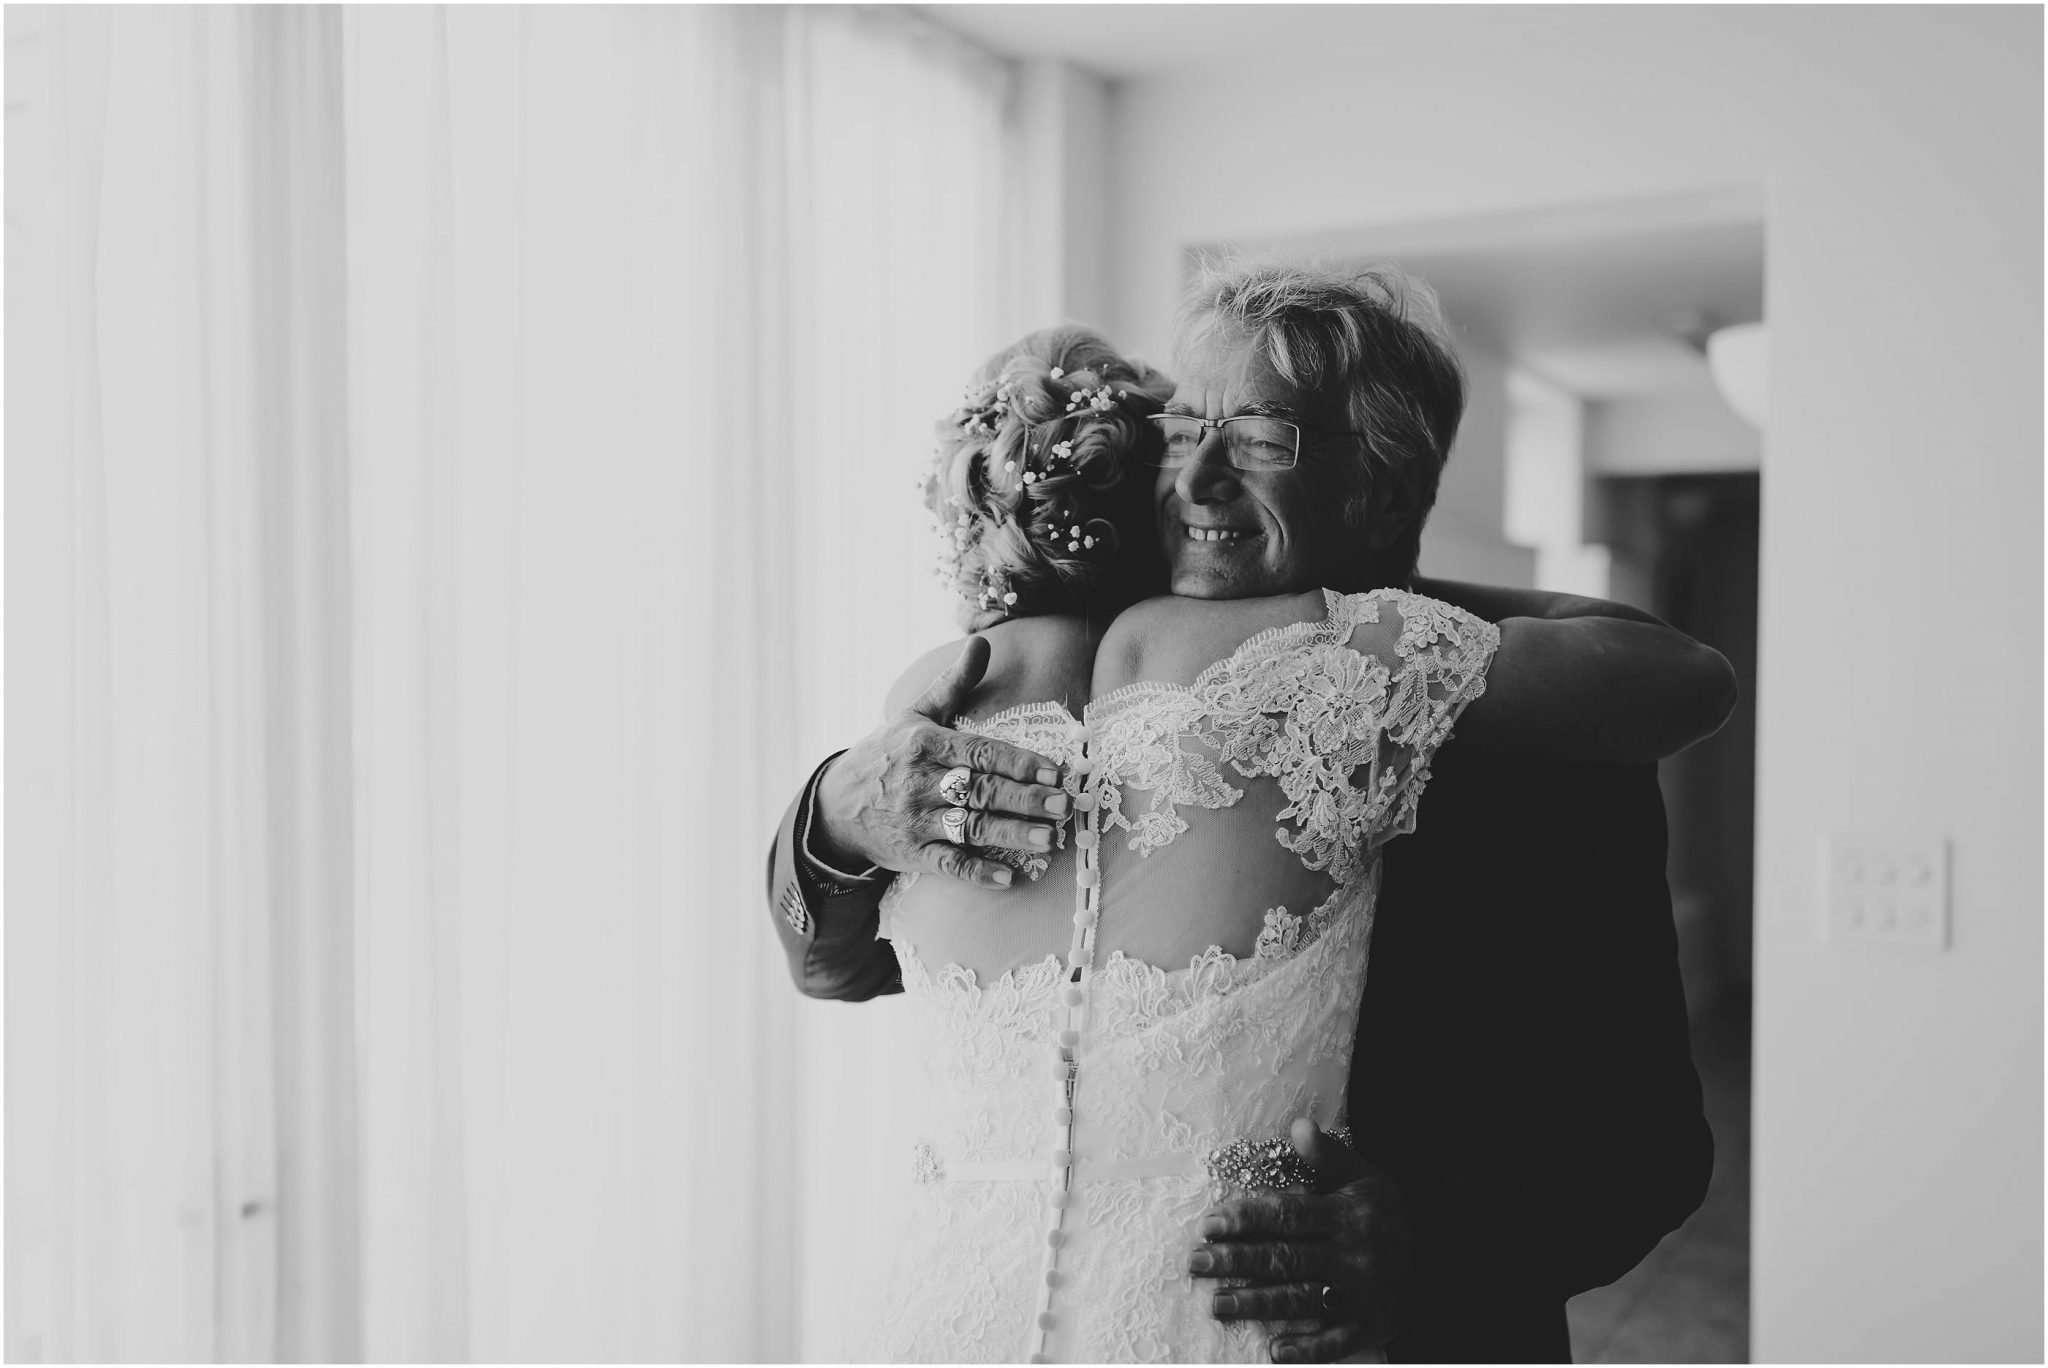 HEATHER AND DAMON ELMS BARN WEDDING - NORWICH WEDDING PHOTOGRAPHER 1